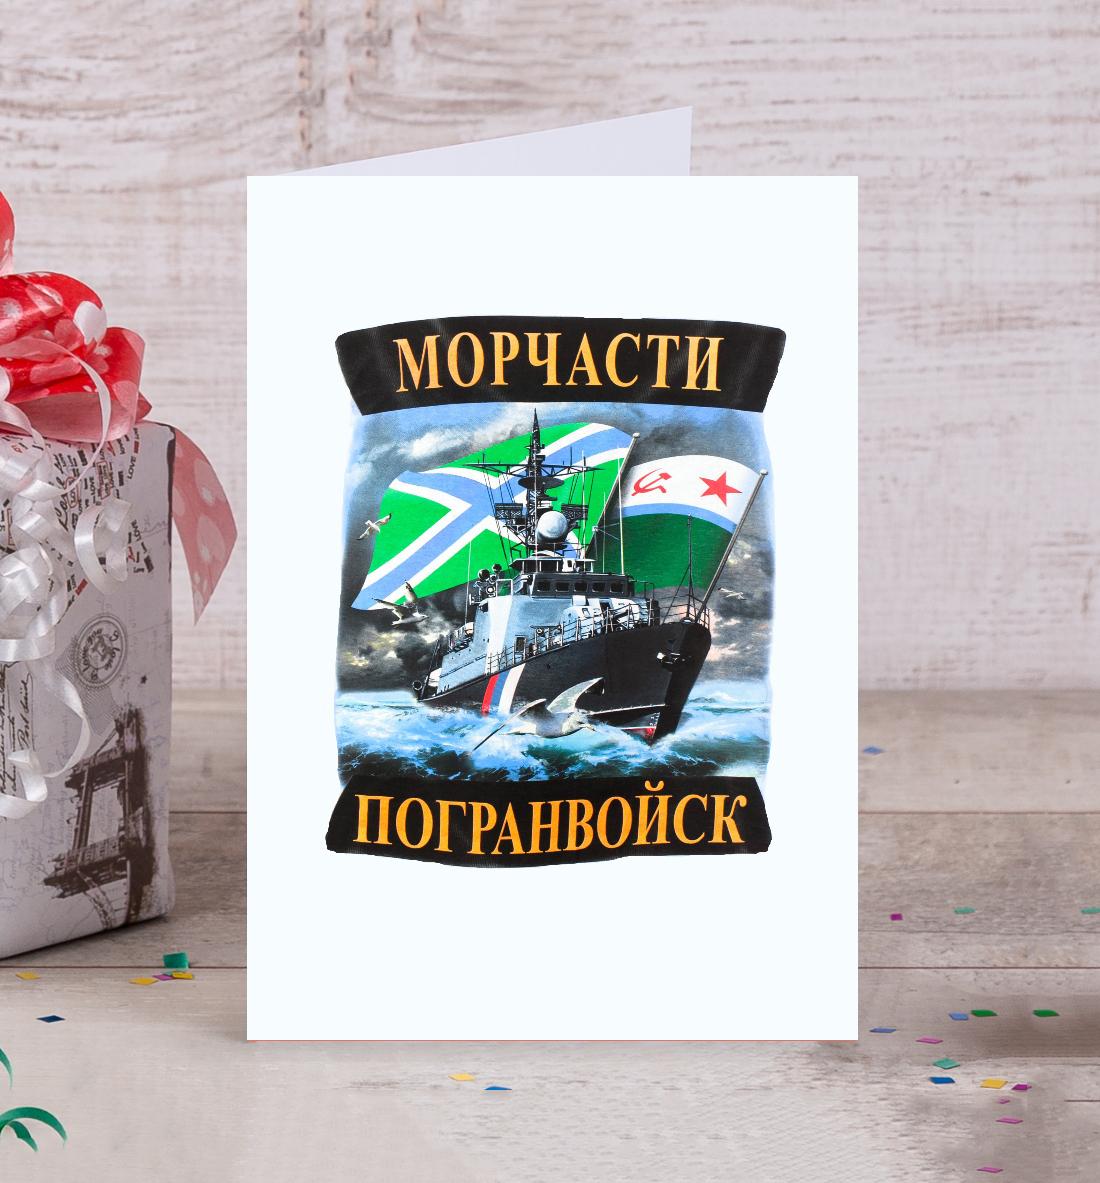 Морчасти погранвойск открытки